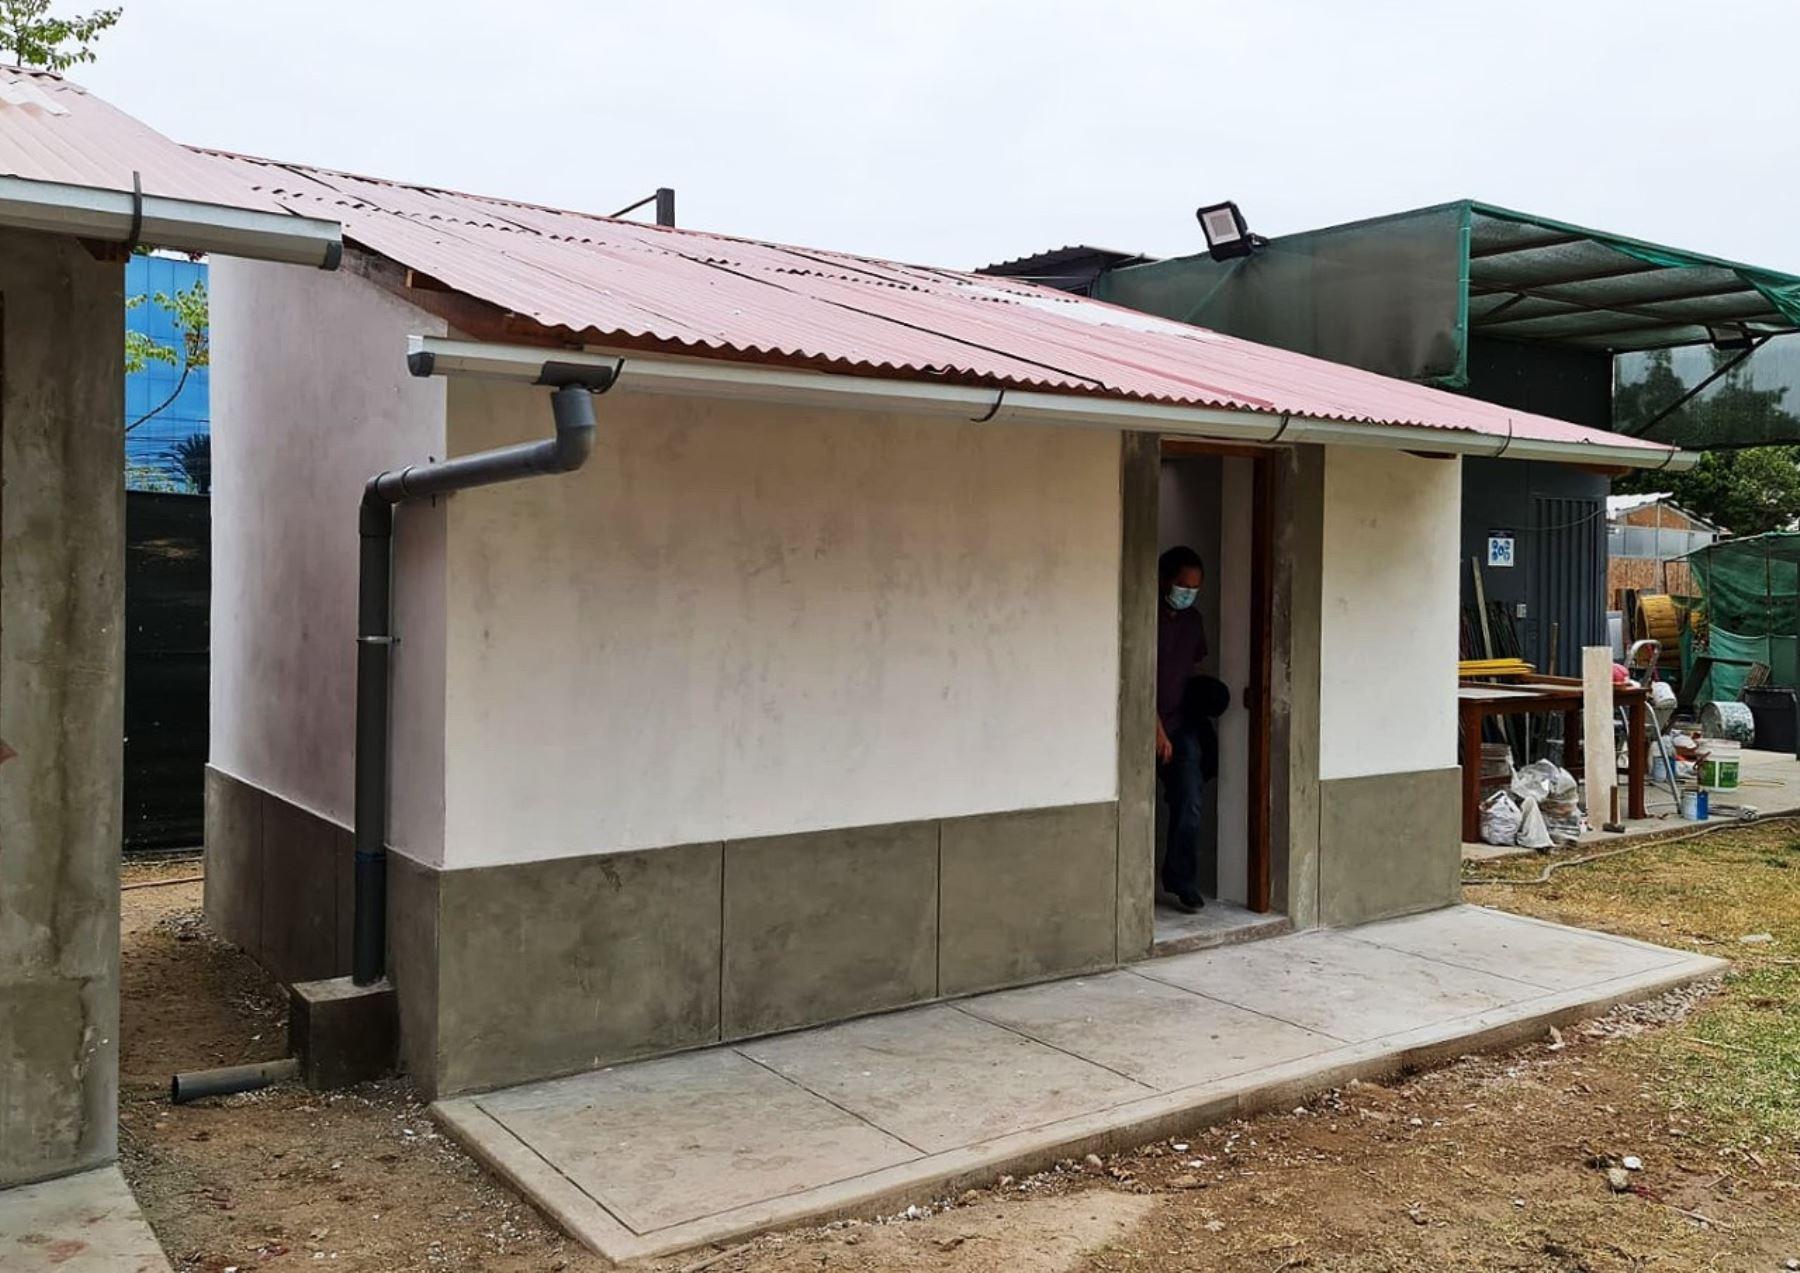 Técnicos especialistas de Sencico han creado dos prototipos de viviendas bioclimáticas Sumaq Wasi que optimiza la temperatura interna ante las bajas temperaturas que se registran en las zonas altoandinas. ANDINA/Difusión